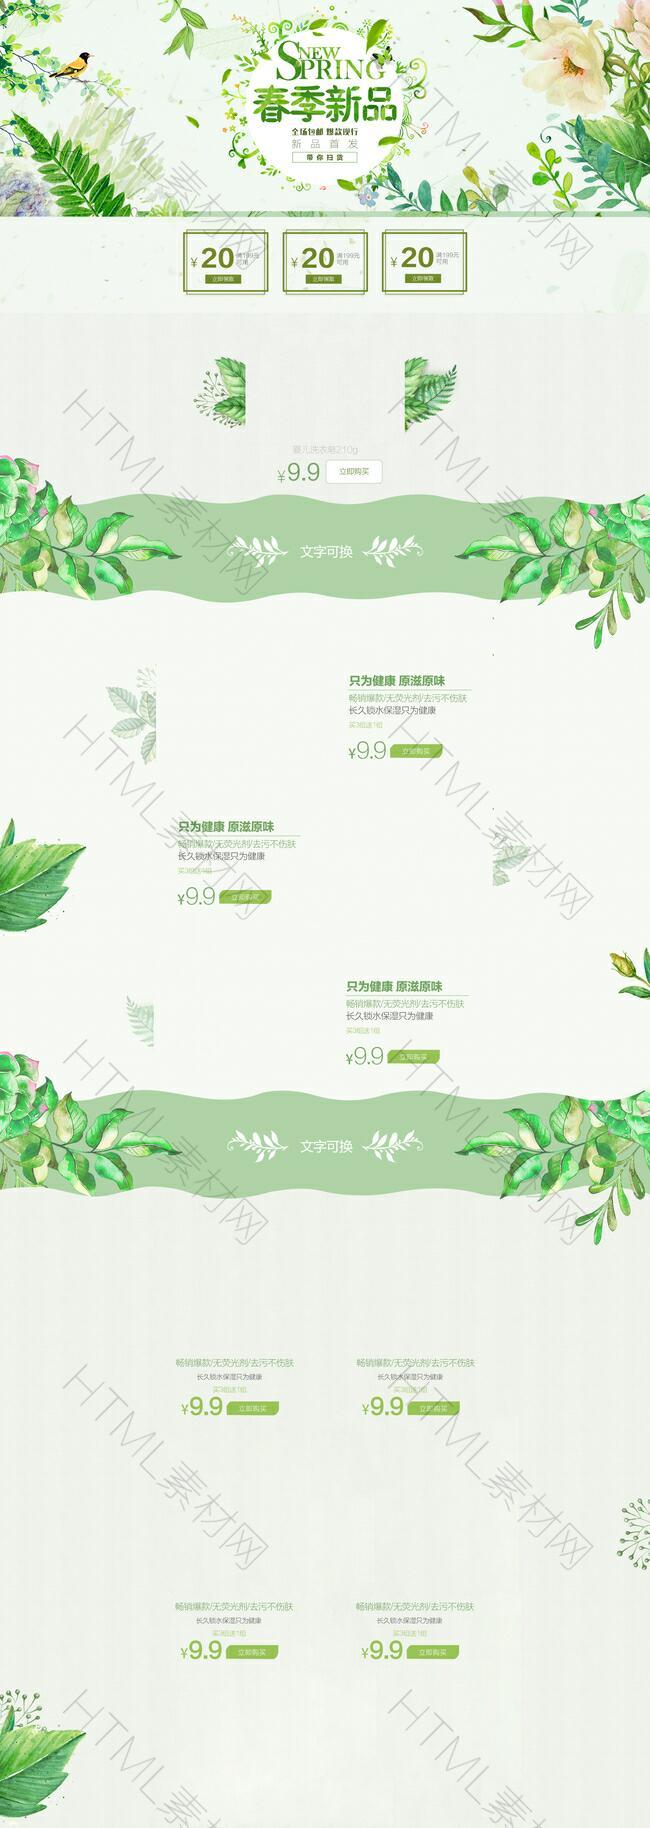 绿色手绘植物春季新品店铺首页背景